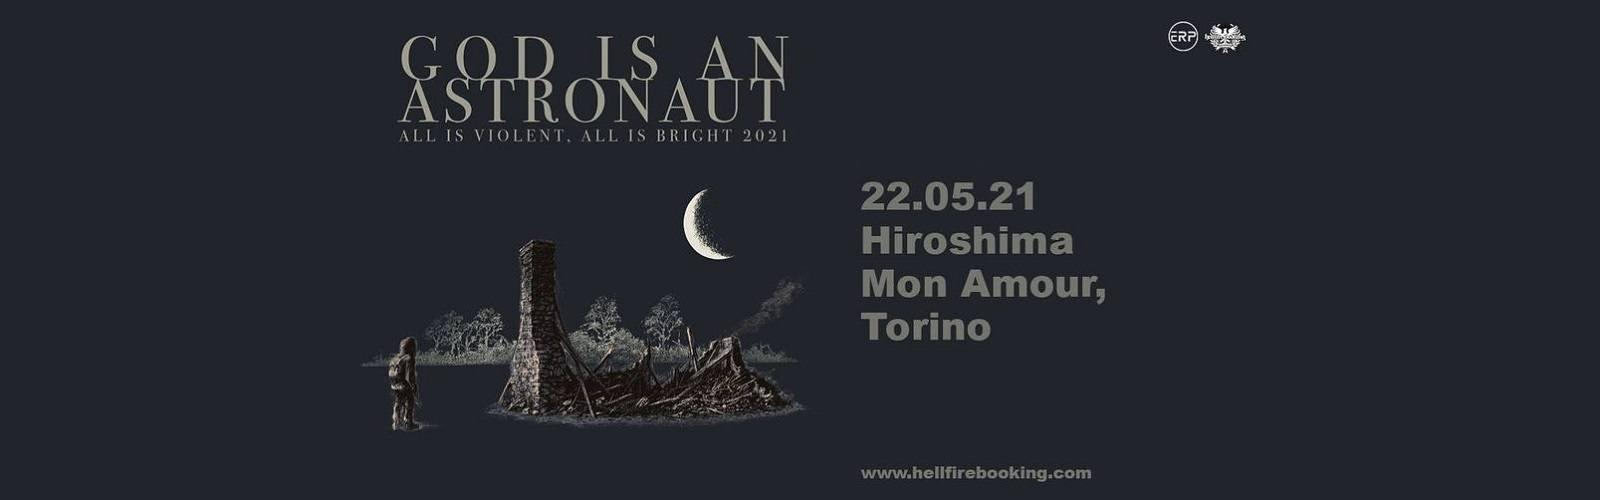 God is An Astronaut biglietti concerto 22 maggio 2021 Torino Hiroshima Mon Amour mailticket